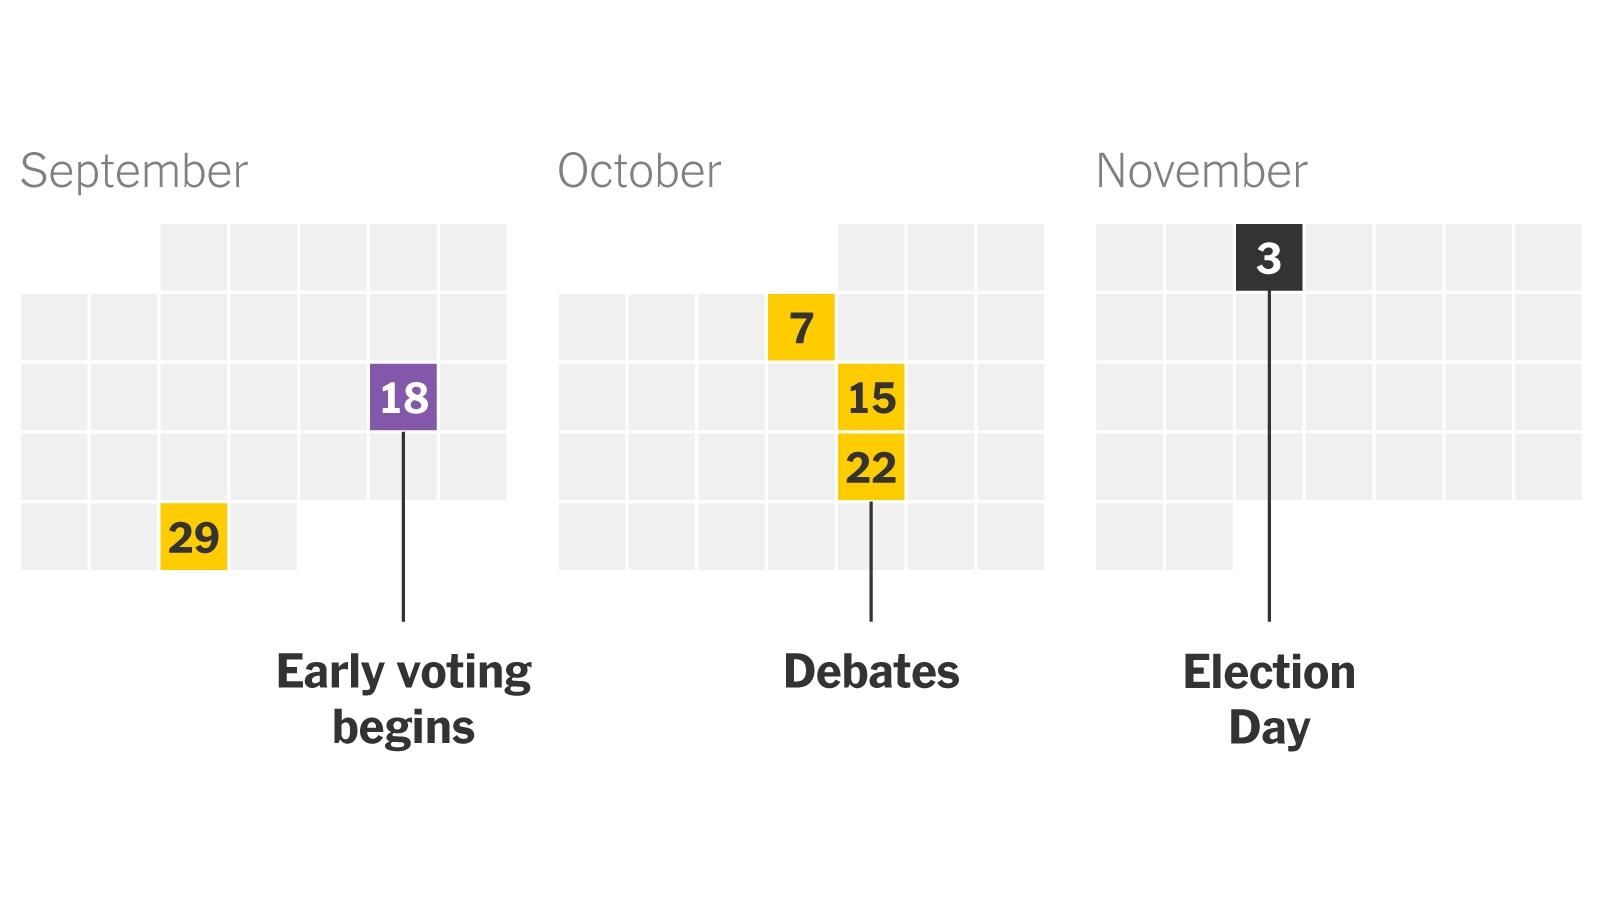 2020 Presidential Election Calendar - The New York Times November 2021 Election Calendar